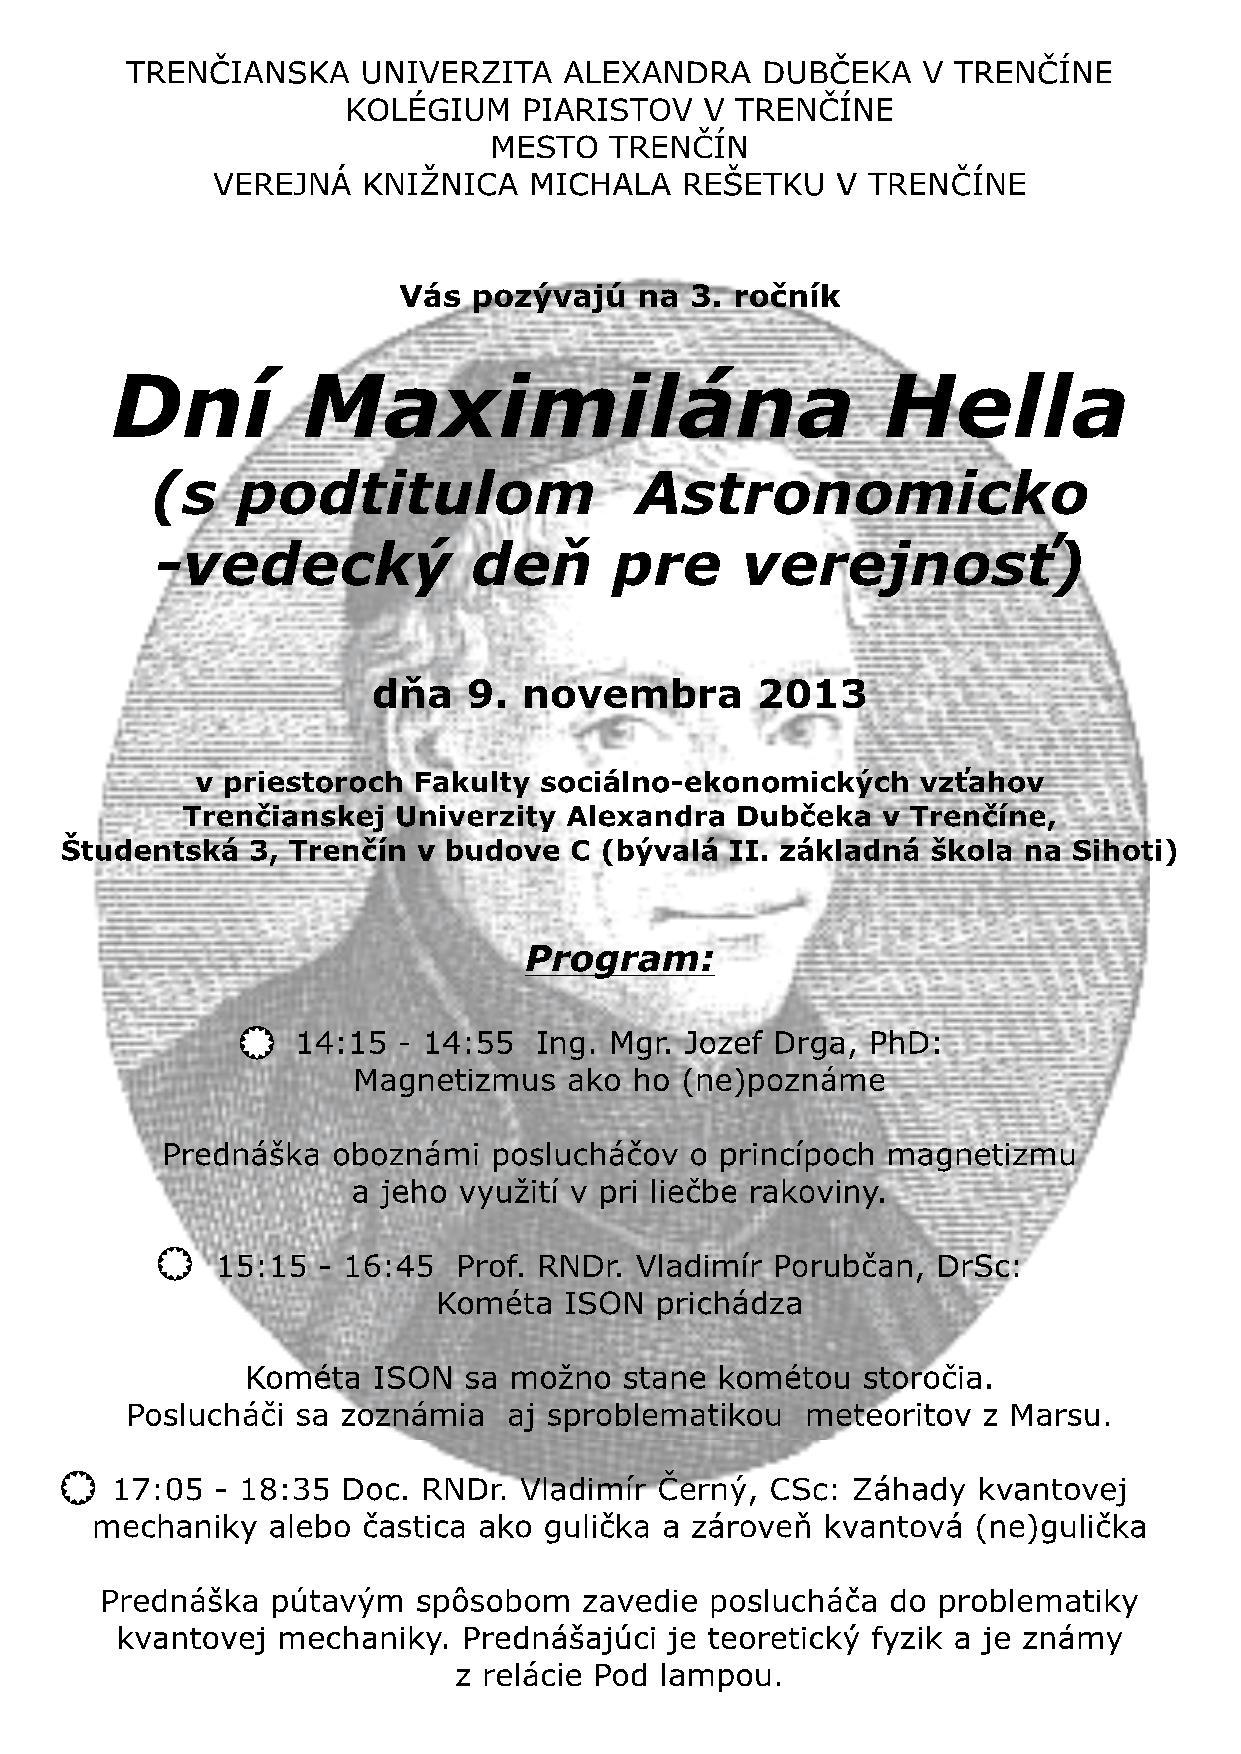 Pozvánka na 3. ročník dní Maximiliána Hella